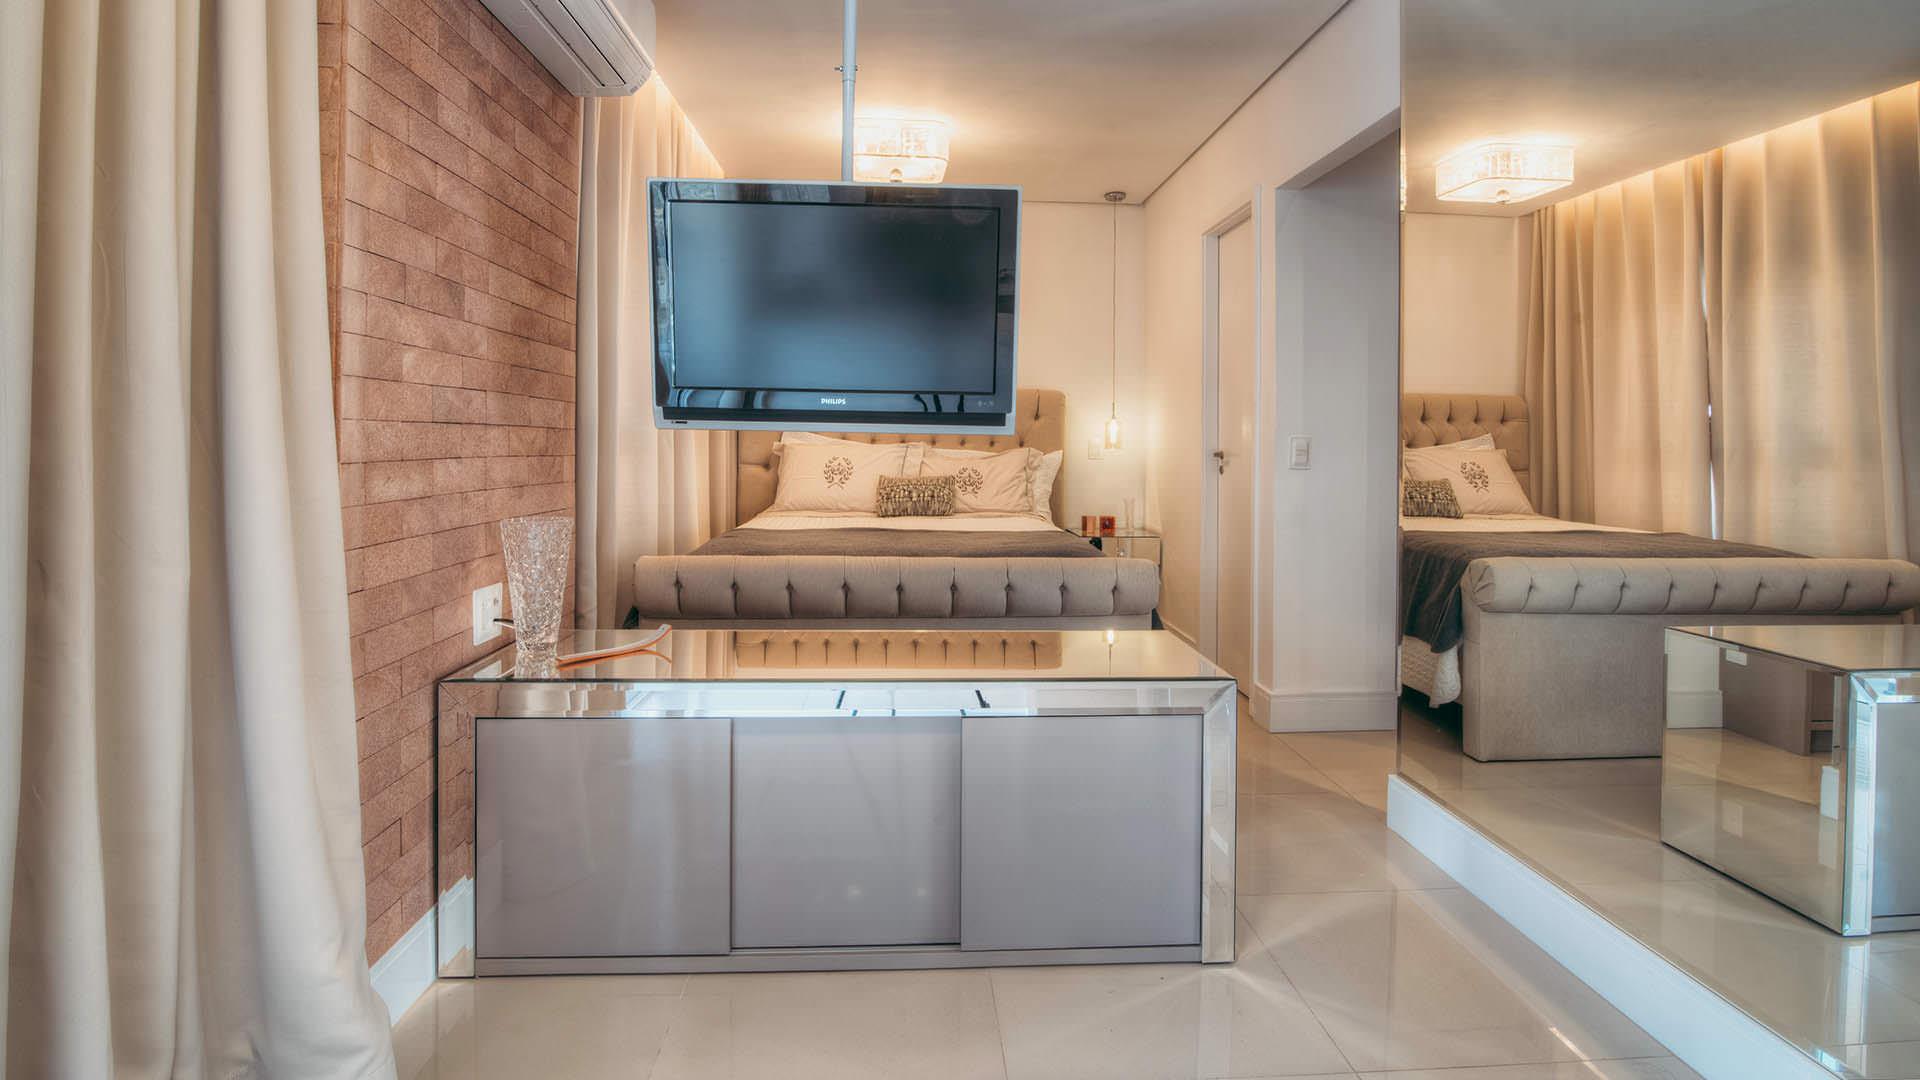 Pequeno Apartamento Conceito Aberto Espa O Pleno M Veis Planejados -> Fotos De Cozinha Conceito Aberto